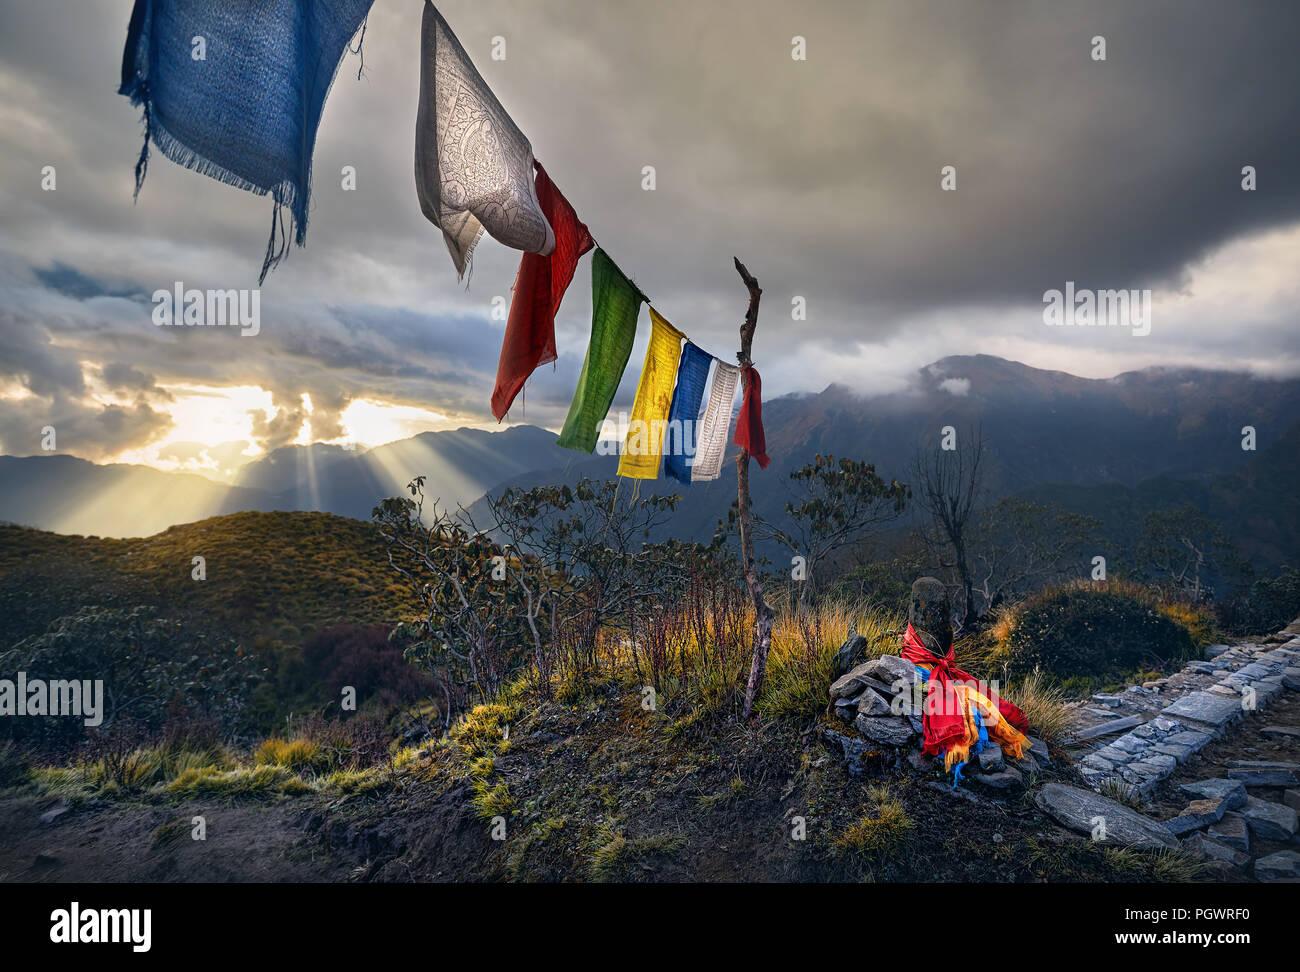 De petits tas de pierres et de drapeaux de prière Tibetains Lung Ta au camp de base à l'Himal Mardi Nuageux coucher de sommets de montagnes de l'Himalaya au Népal Photo Stock